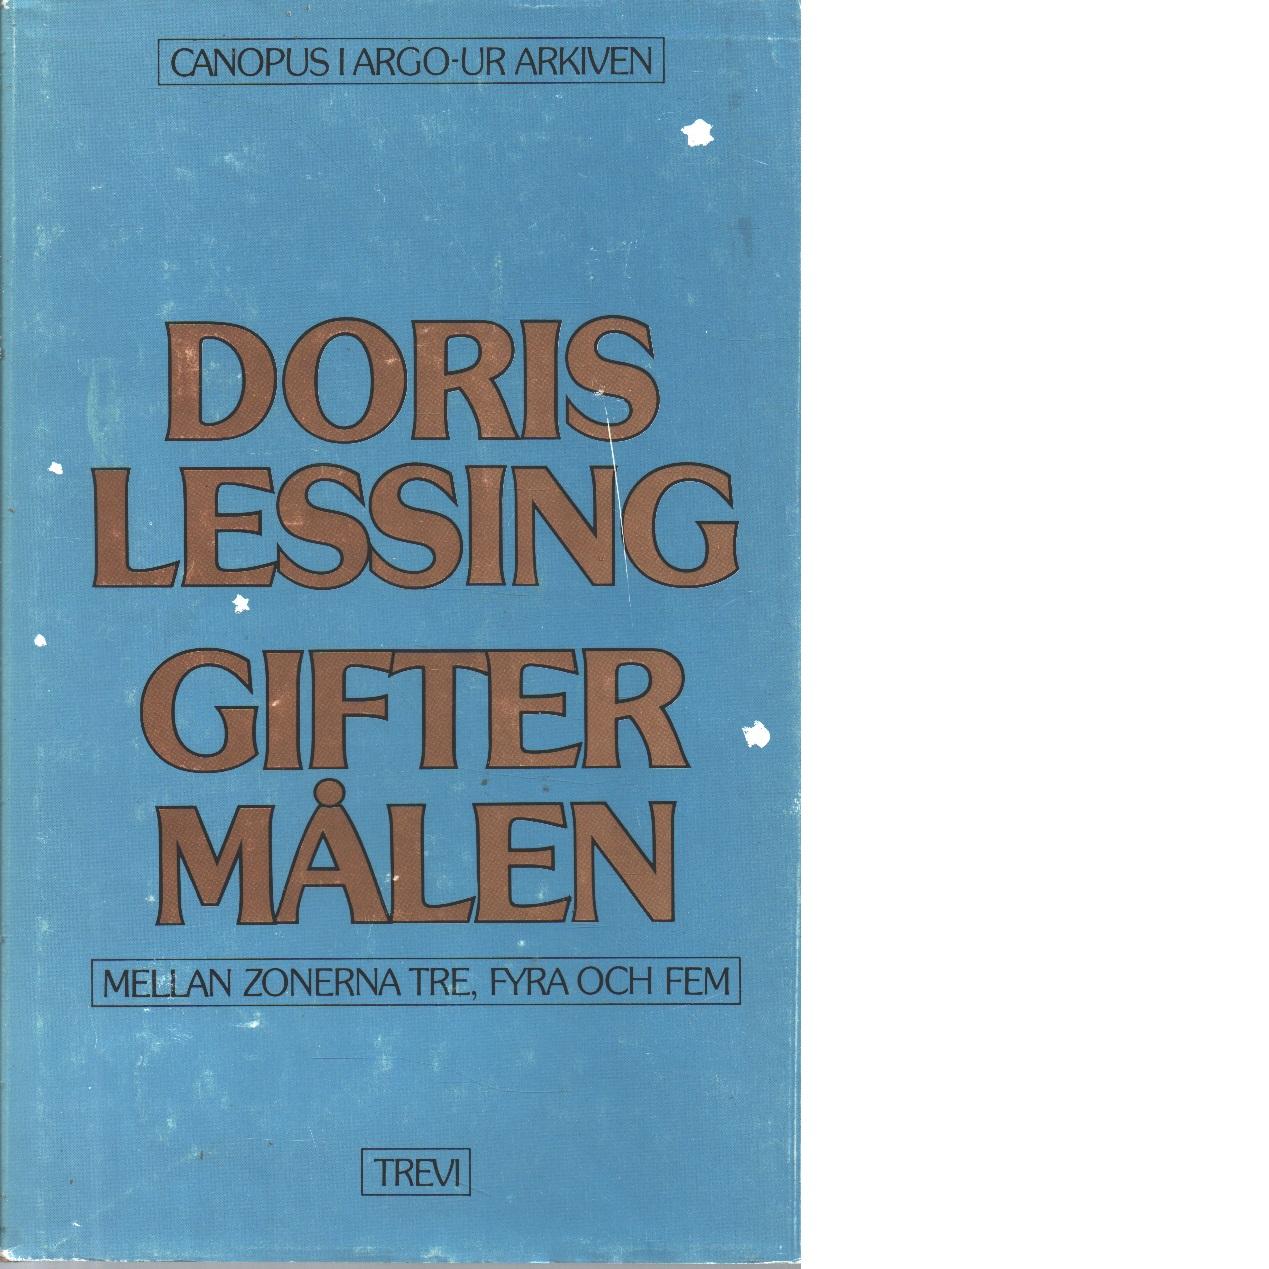 Giftermålen mellan zonerna tre, fyra och fem : berättat av krönikörerna i zon tre - Lessing, Doris